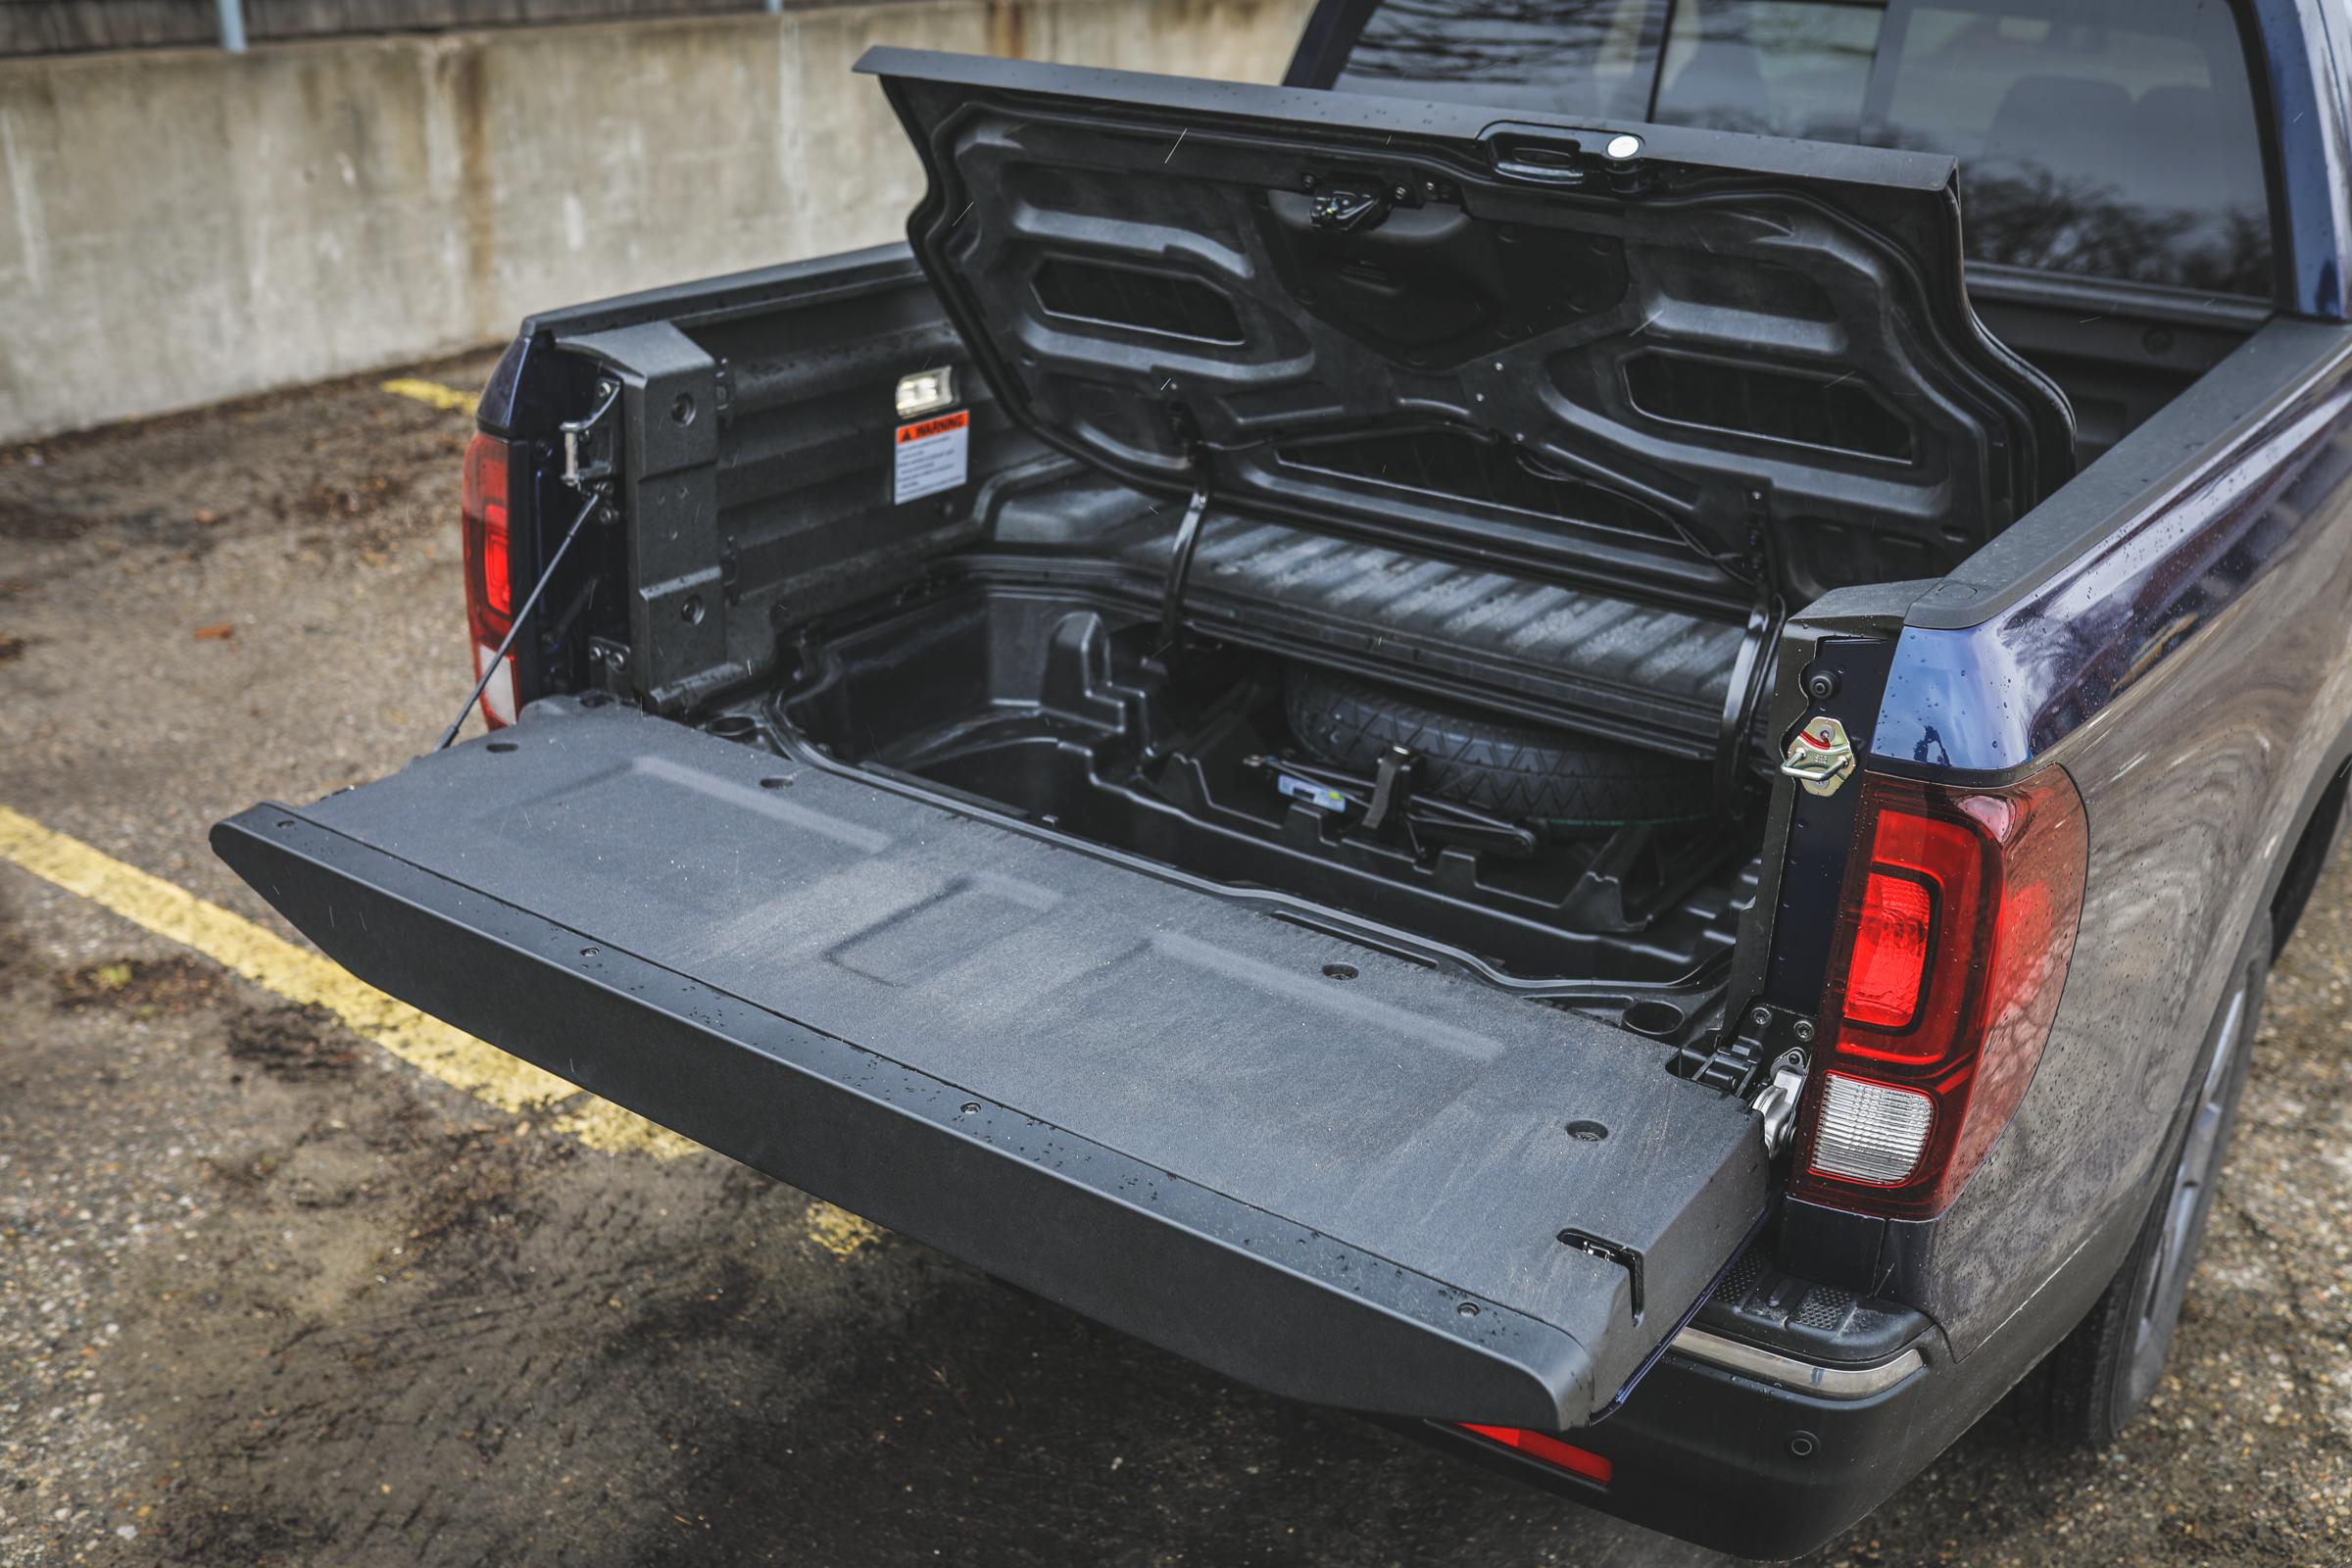 2020 Honda Ridgeline RTL-E rear tailgate down secret compartment open angle